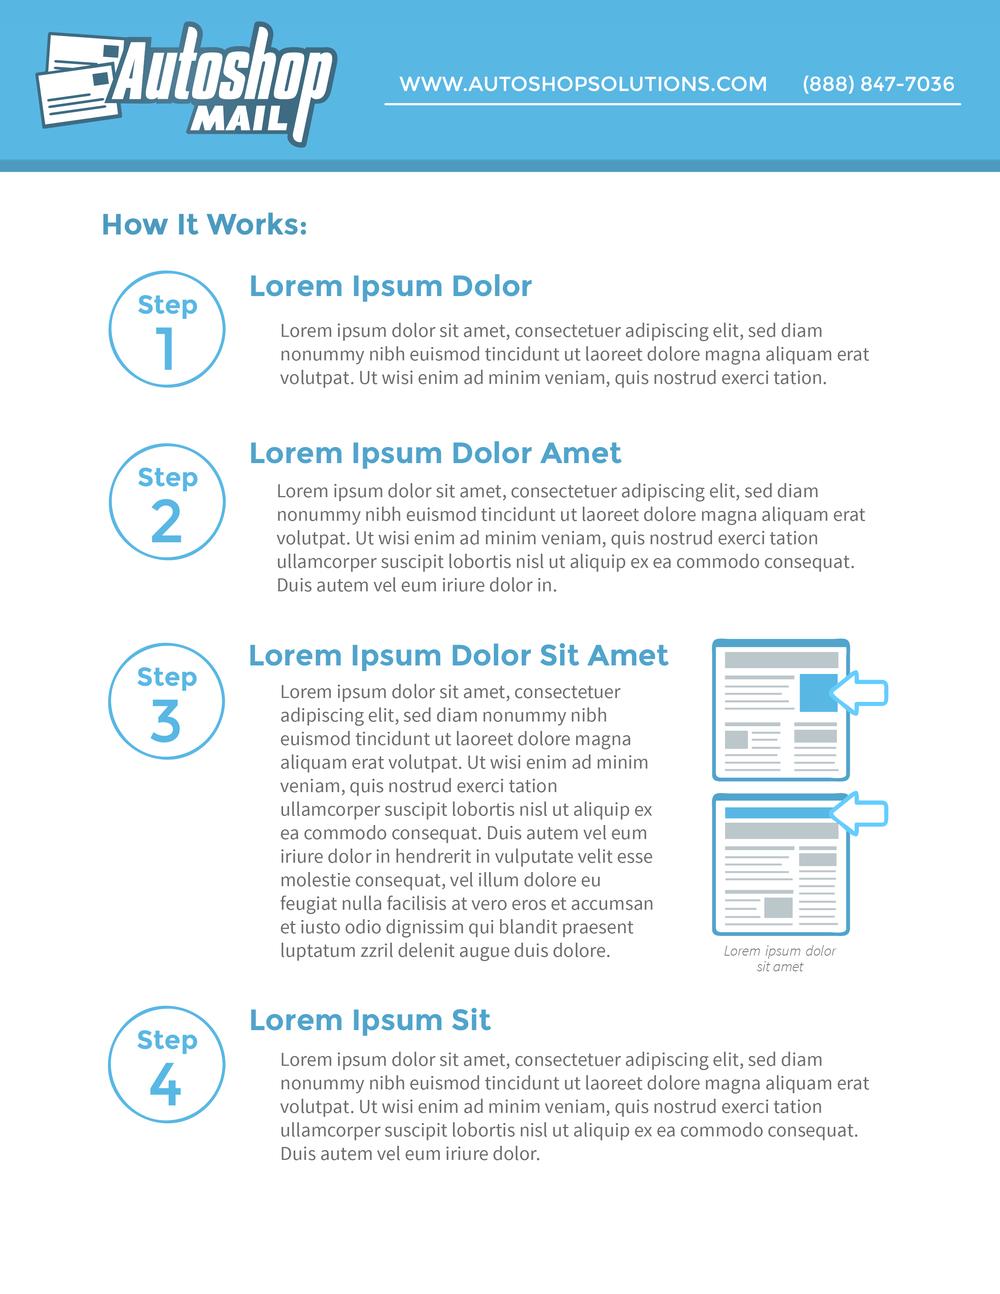 Autoshop Solutions Inc: Autoshop Mail PDF - Page 2